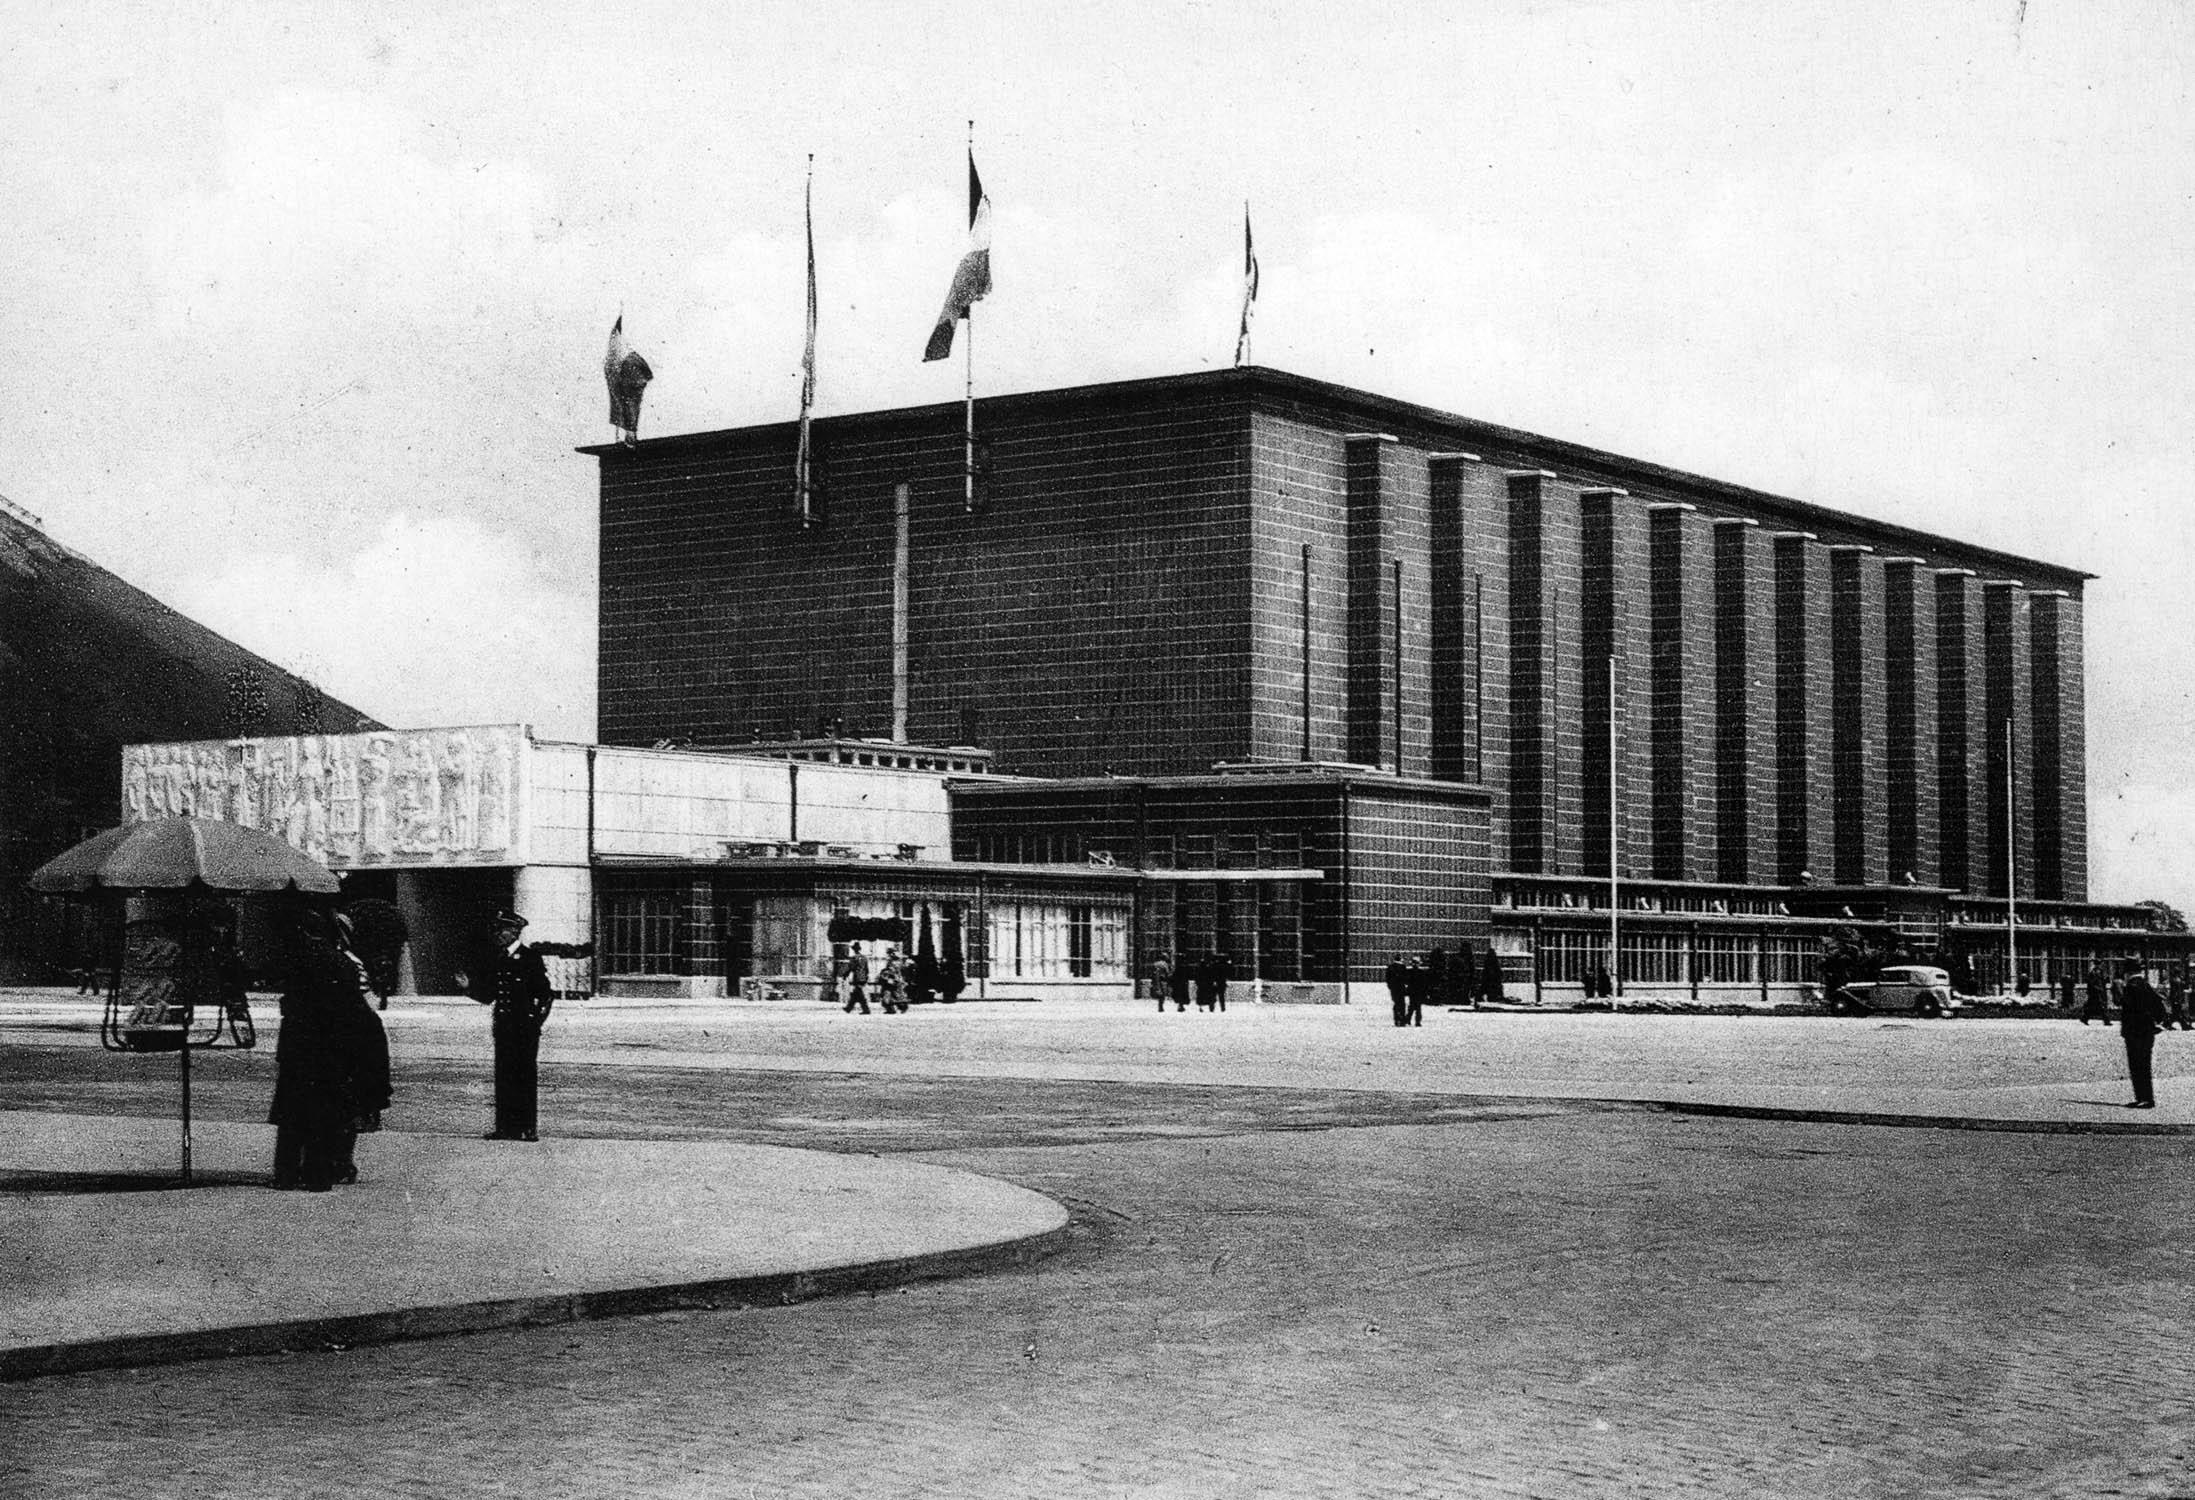 Exposition internationale de l 39 eau a liege liege 1939 for Architecte grand palais